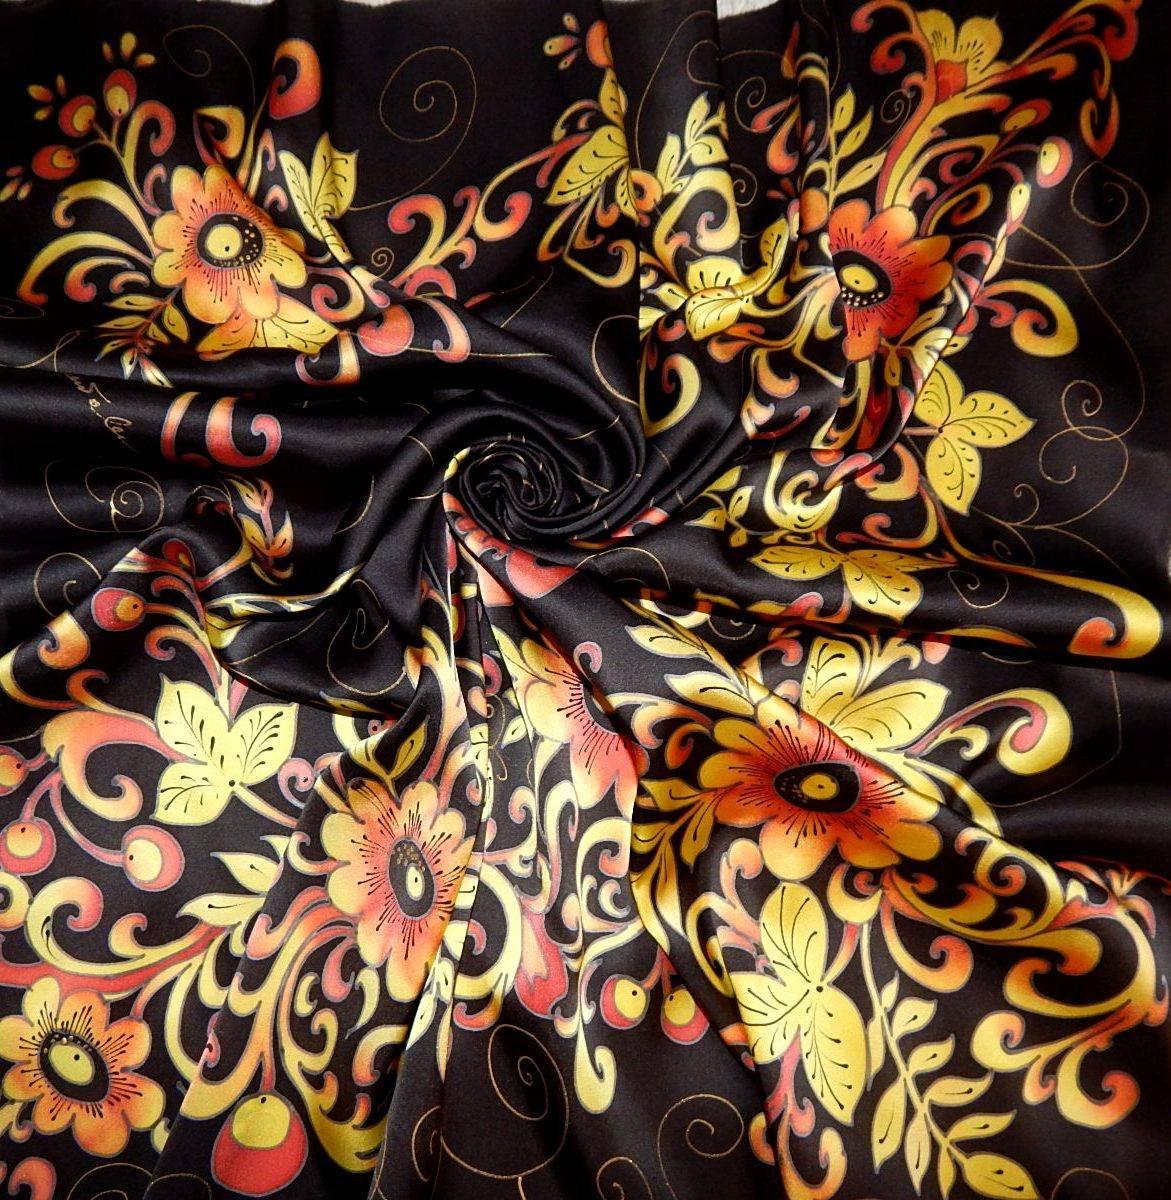 Платок из натурального шелка - атласа расписан вручную в технике холодного батика. Тонкий, витиеватый, орнаментальный рисунок в теплых золотистых тонах на насыщенном черном фоне в стиле хохломской росписи. Хохлома - это самобытный русский народный промысел, существующий более трехсот лет, уникальное явление не только в масштабах России, но и в мировом искусстве. Платок непременно подчеркнет Вашу индивидуальность и сделает Ваш образ неповторимым.